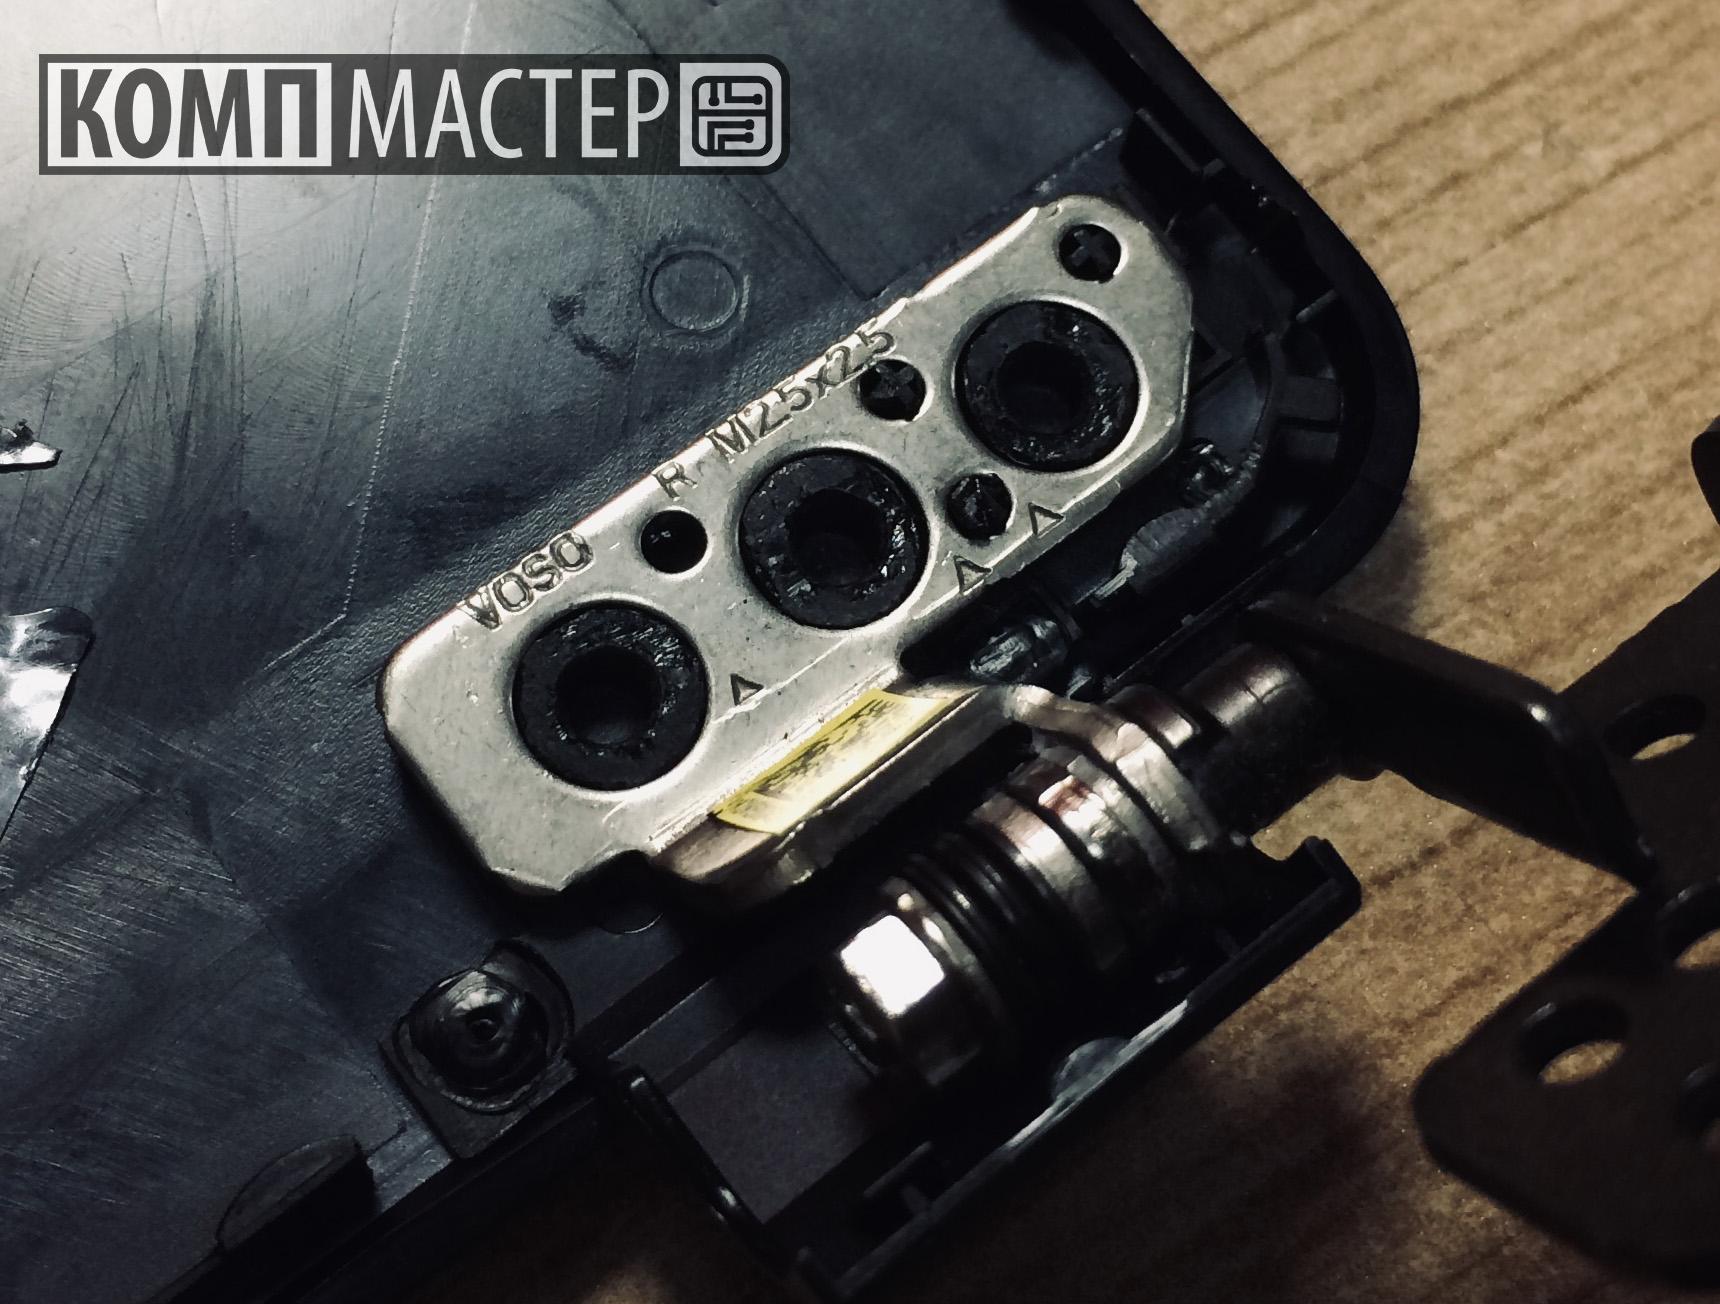 Acer Aspire A315-54 - Ремонт креплений дисплея